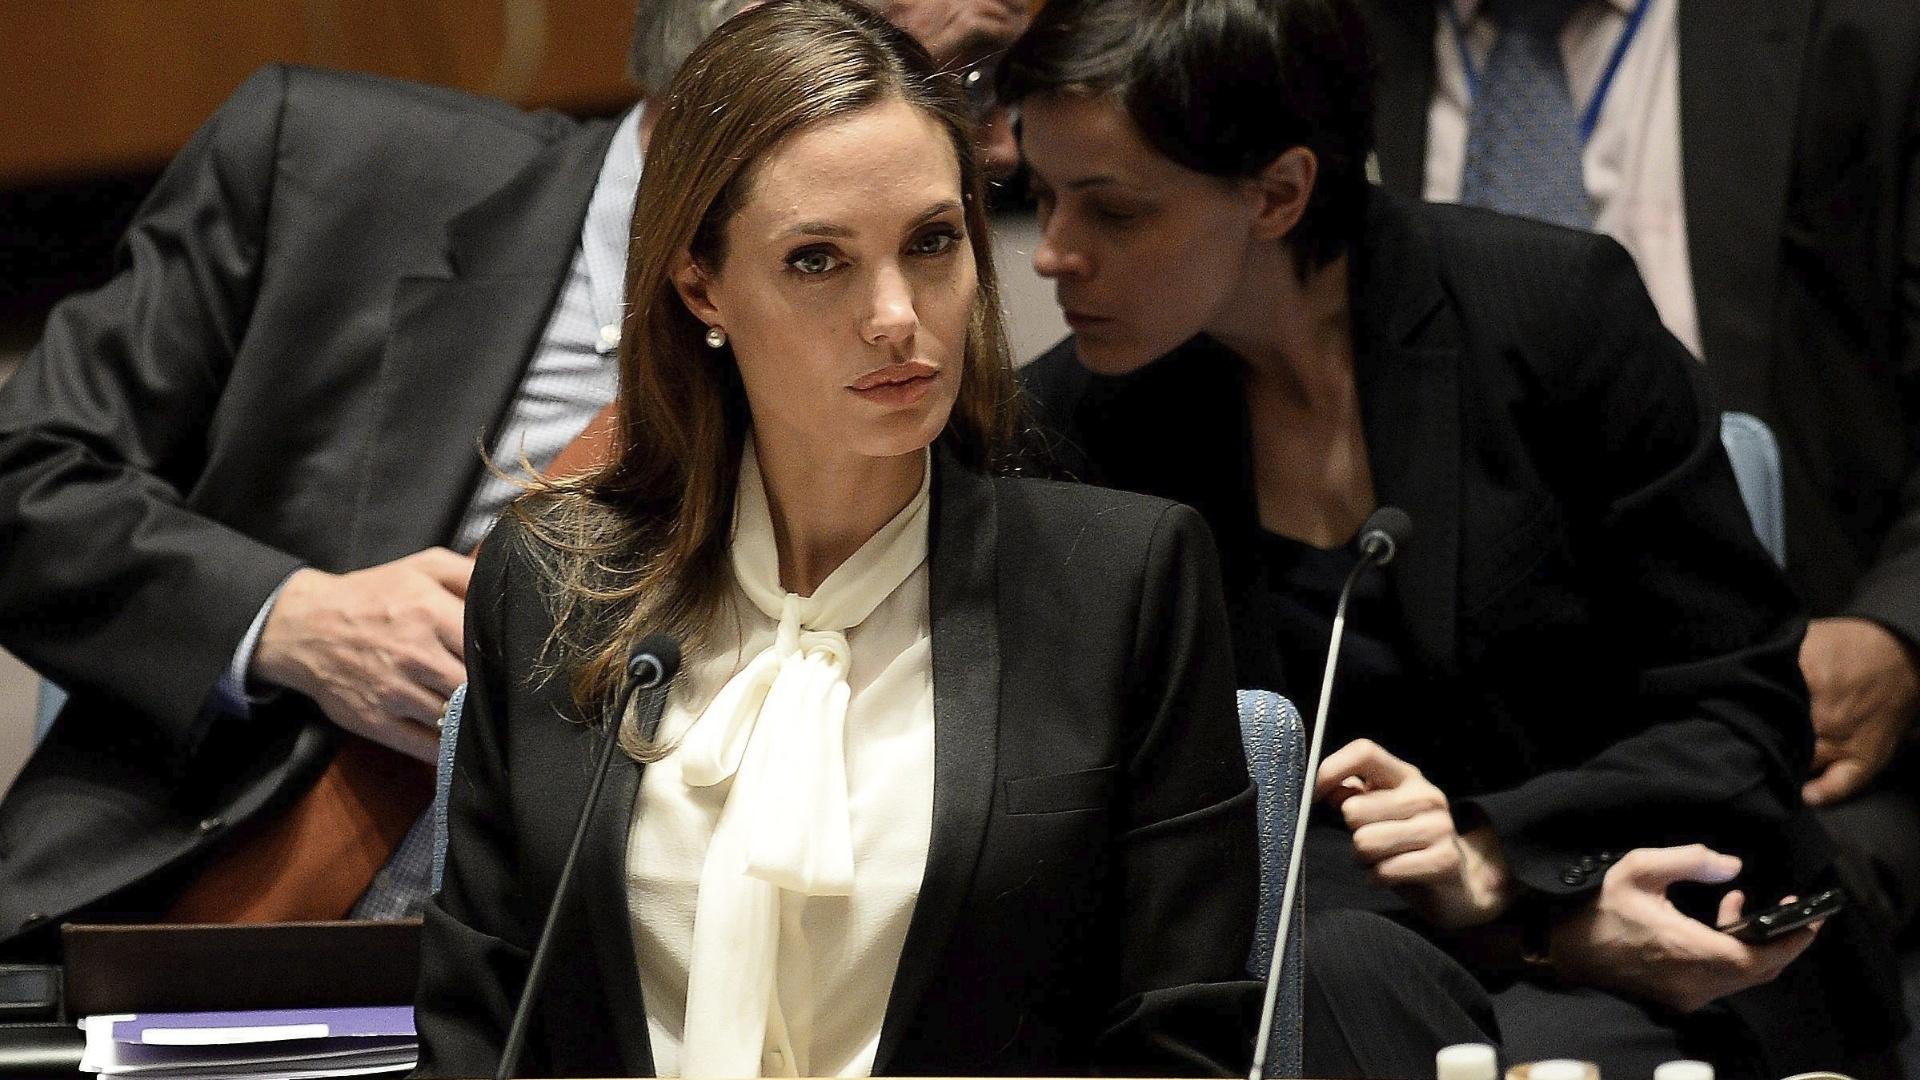 24.jum.2013 - A atriz Angelina Jolie participa da sessão do Conselho de Segurança da ONU (Organização das Nações Unidas) dedicada a combater a violência sexual contra as mulheres em conflitos armados. A reunião acontece em Nova York, nos EUA